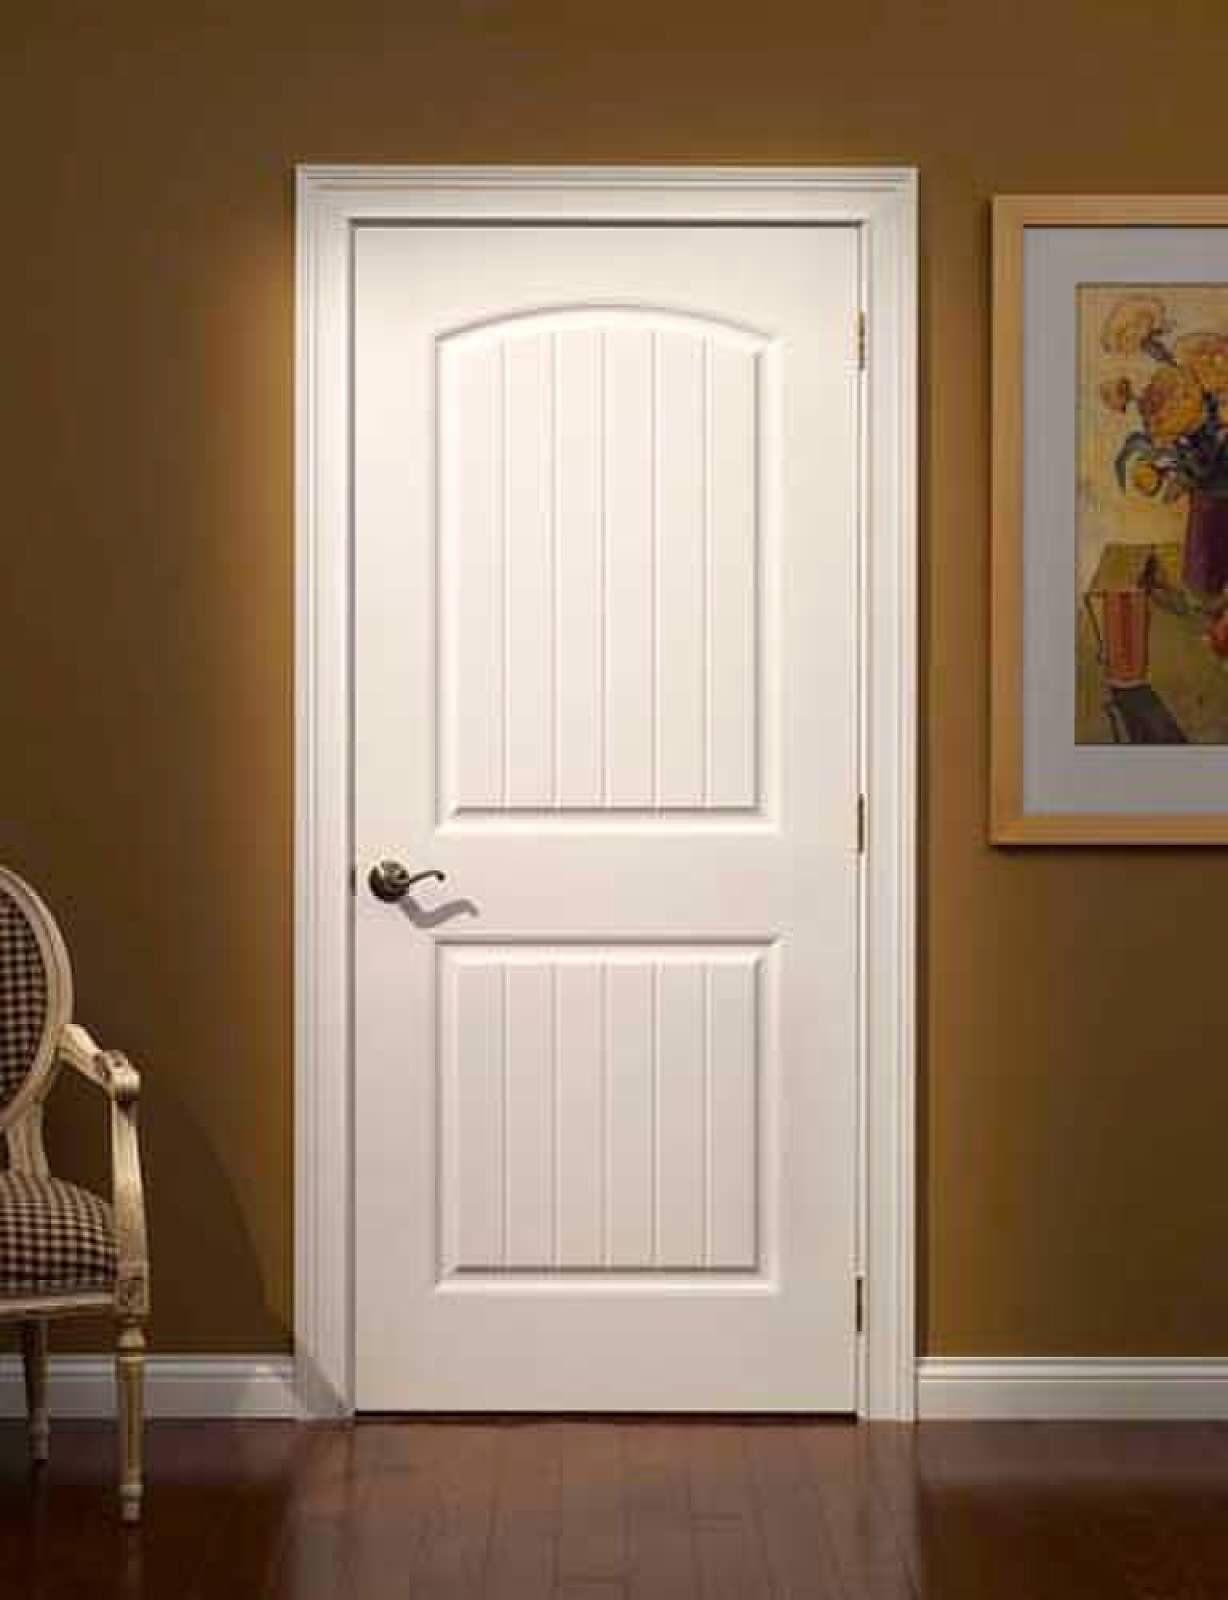 Interior Doors Cheyenne Shaker Style Interior In 2019